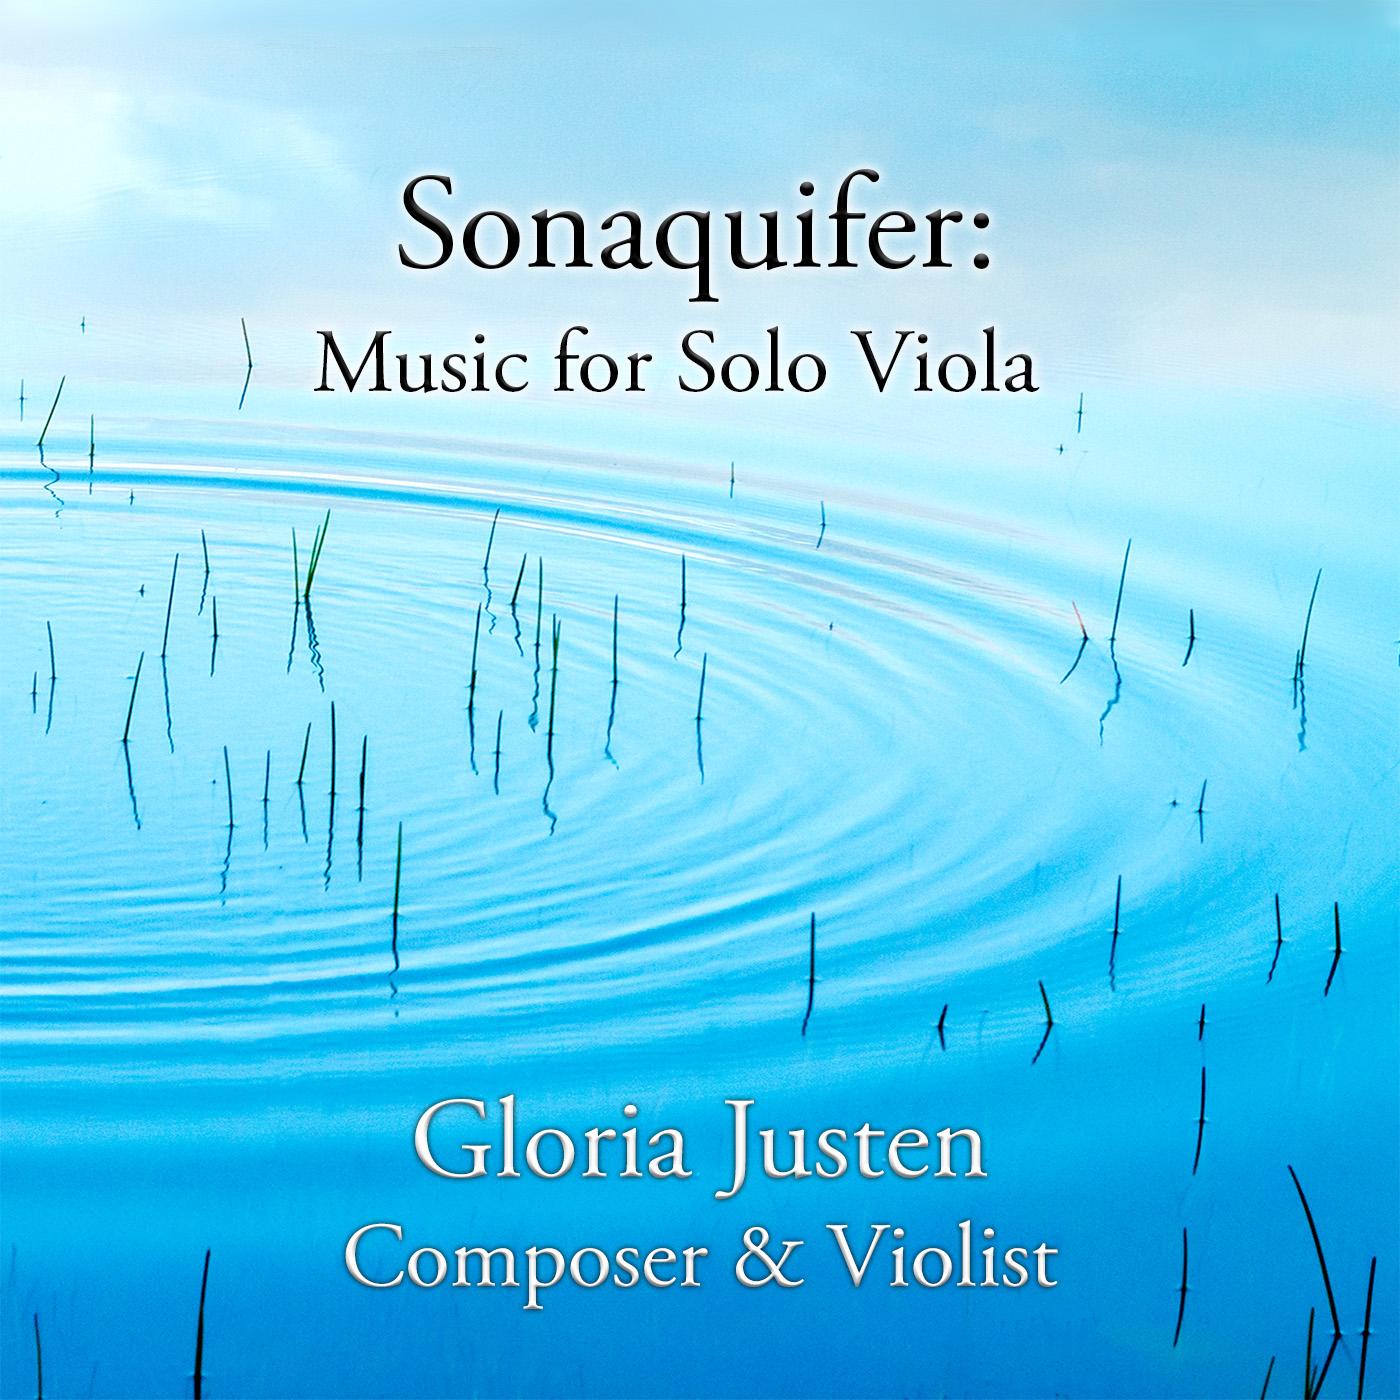 Sonaquifer_CD_cover front_1400.jpg